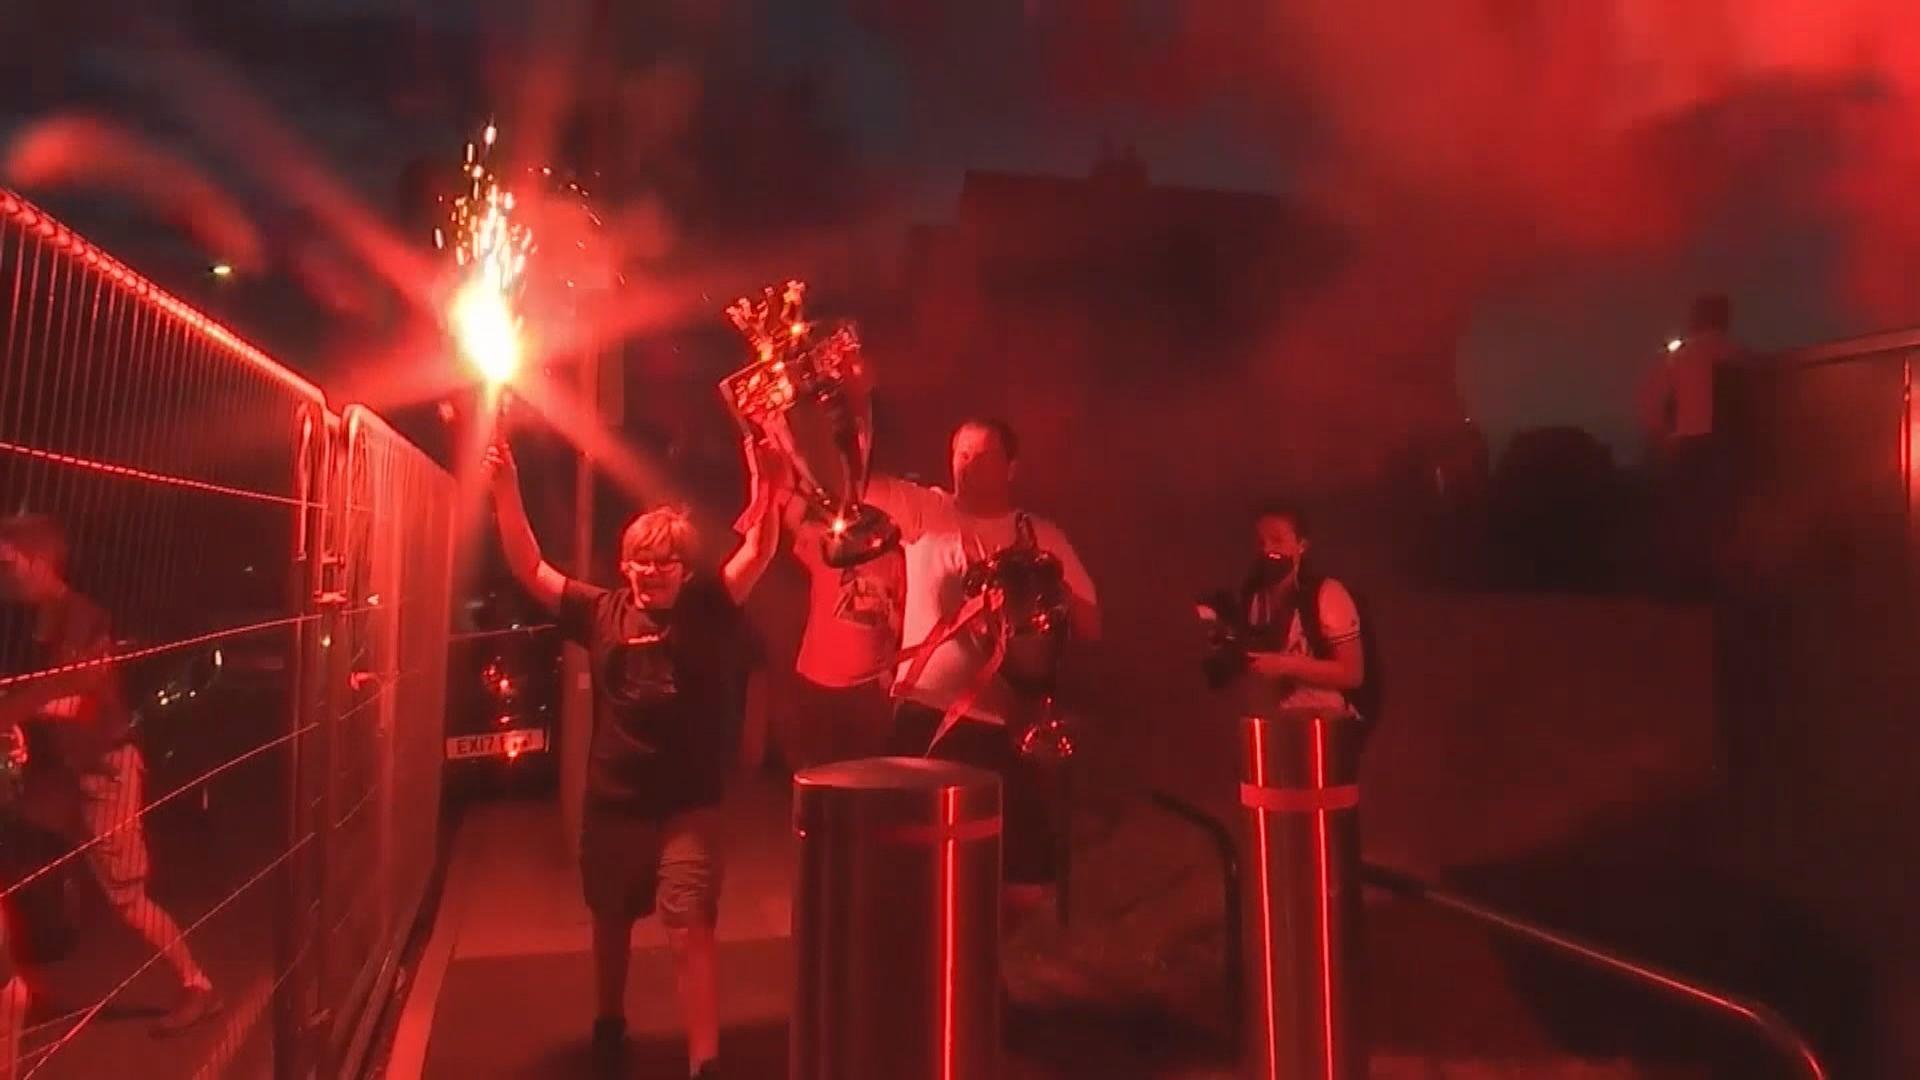 利物浦創英頂級聯賽最快奪冠紀錄 大批球迷湧場外慶祝